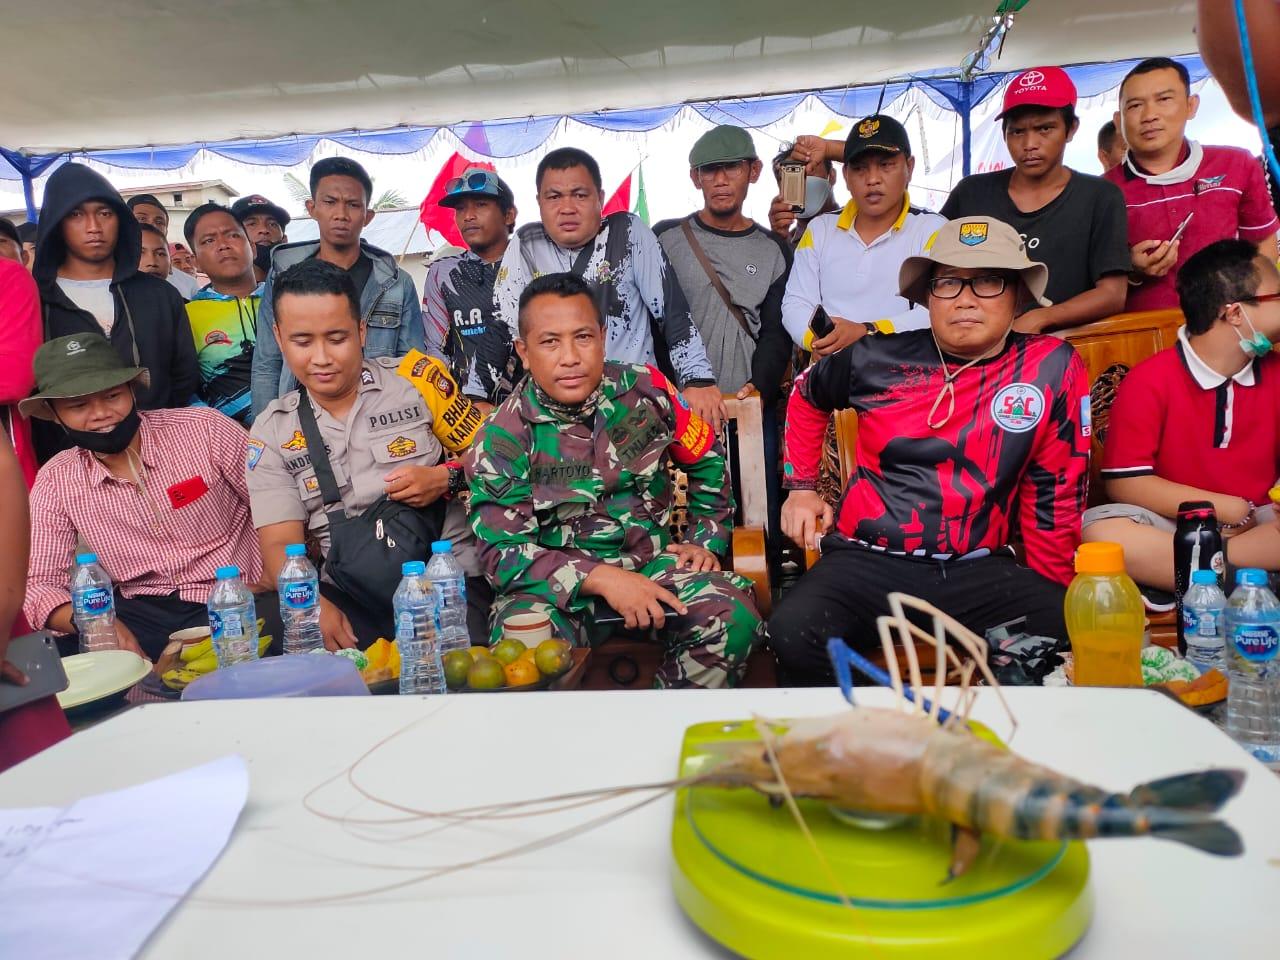 Sambut HUT ke-75 RI, FC 69 dan PDI Perjuangan Kalbar Gelar Lomba Mancing Udang Galah